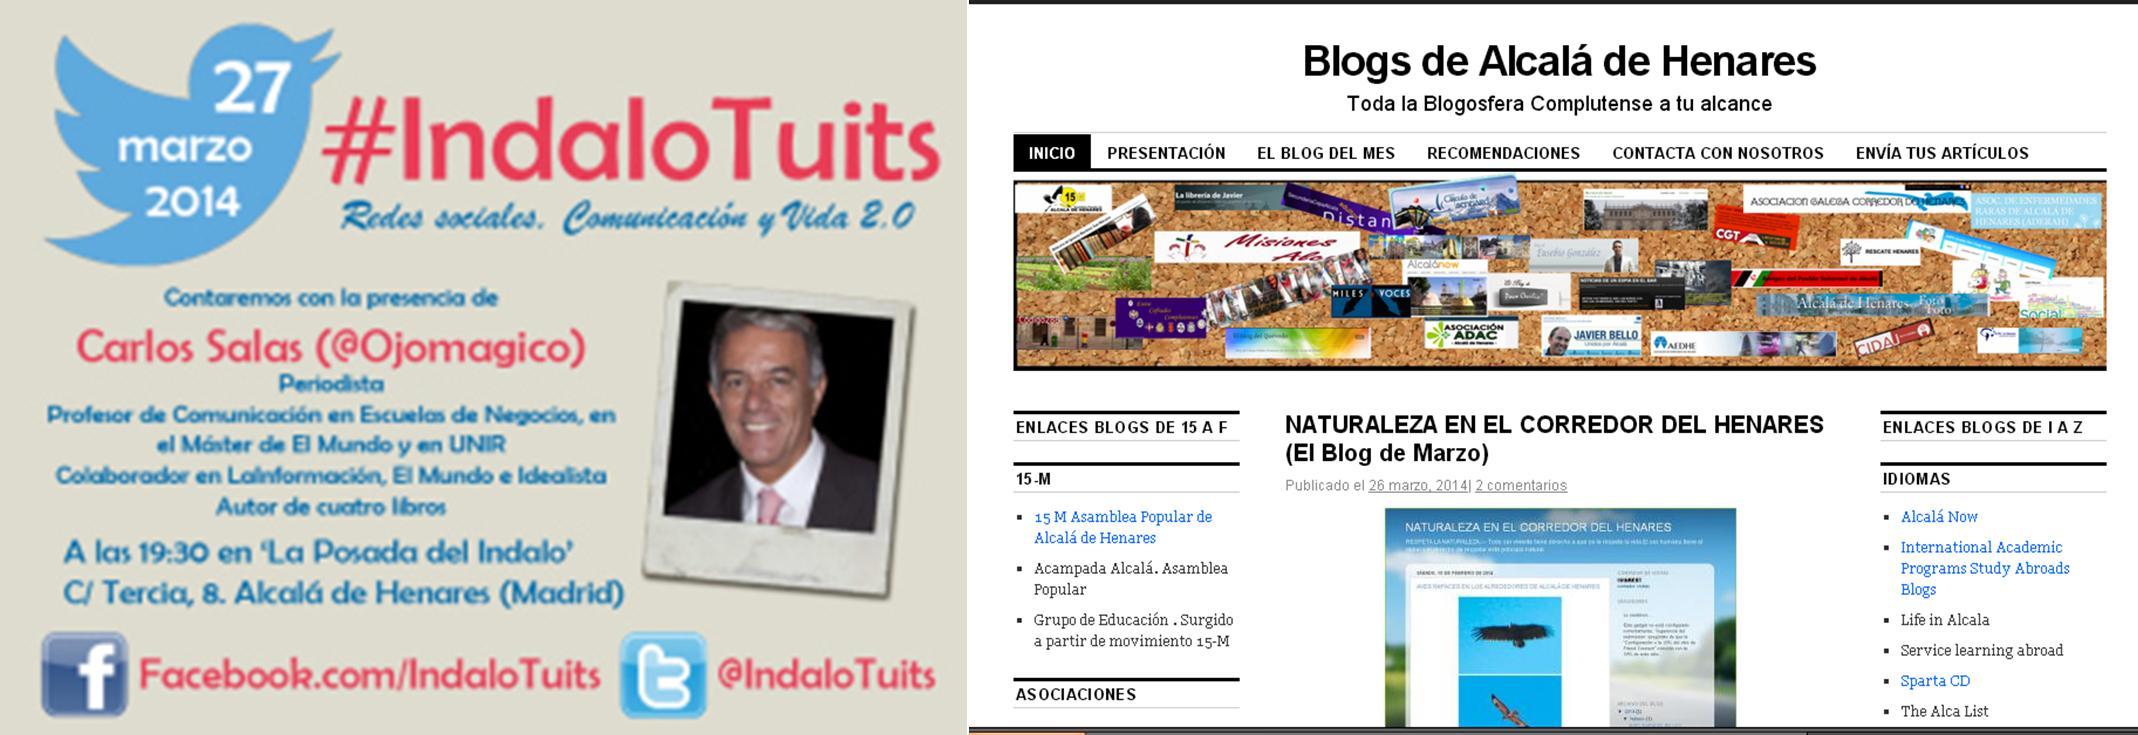 indalotuits blogs de alcala